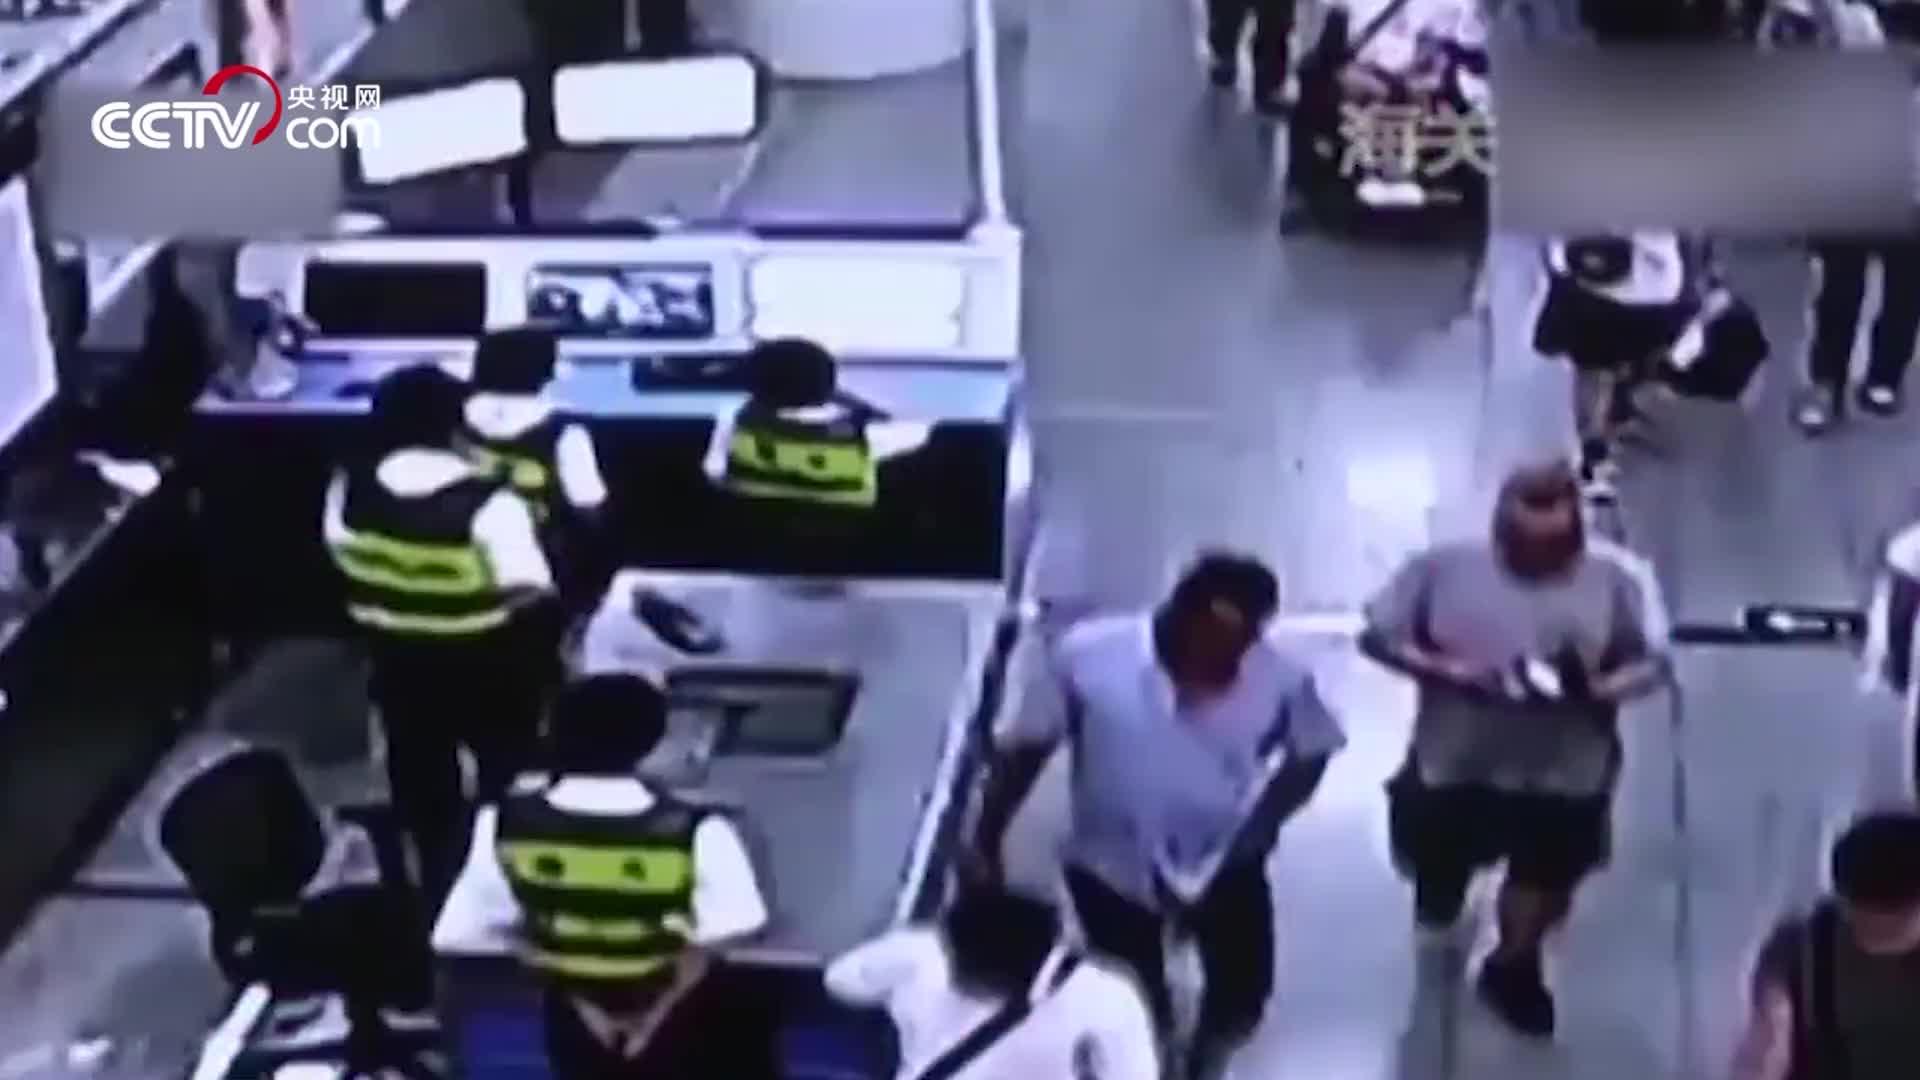 [视频]香港男子轮椅内夹藏324部苹果手机入境 被深圳海关查获